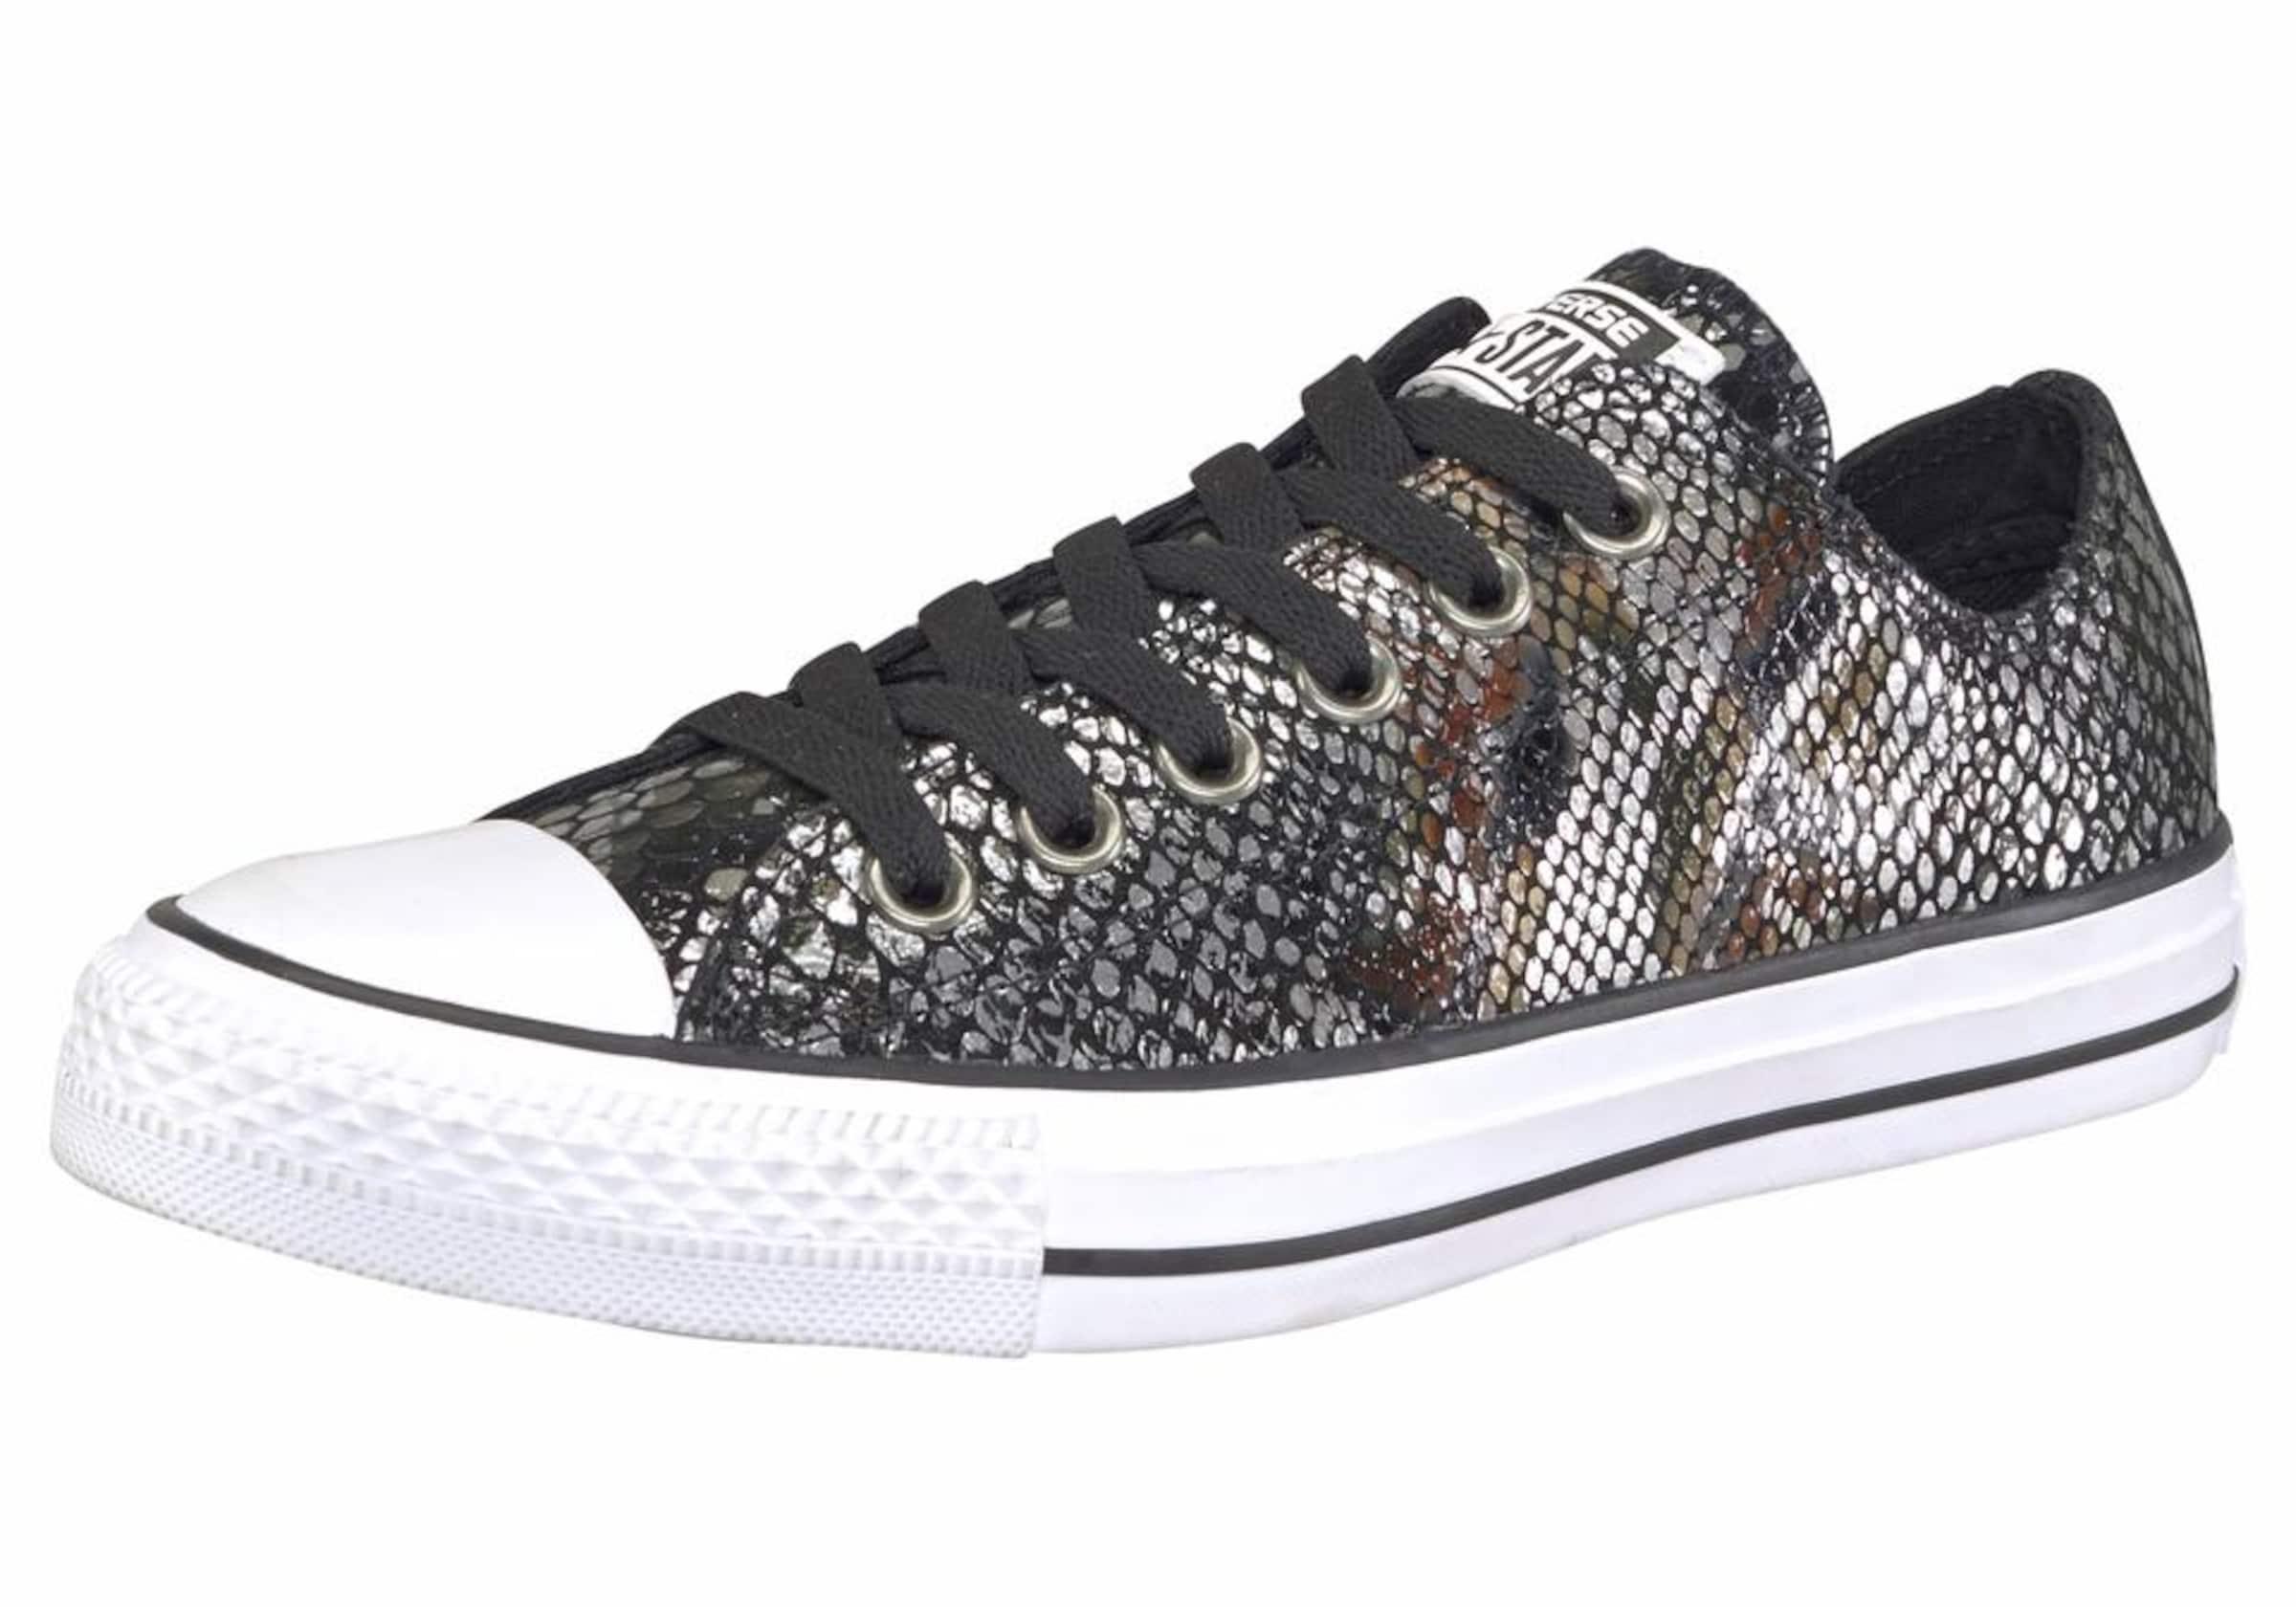 CONVERSE Sneaker 'Chuck Taylor All Star Ox W' Angebote Zum Verkauf Online Einkaufen Günstig Kaufen Rabatte d6E8hT4KyU